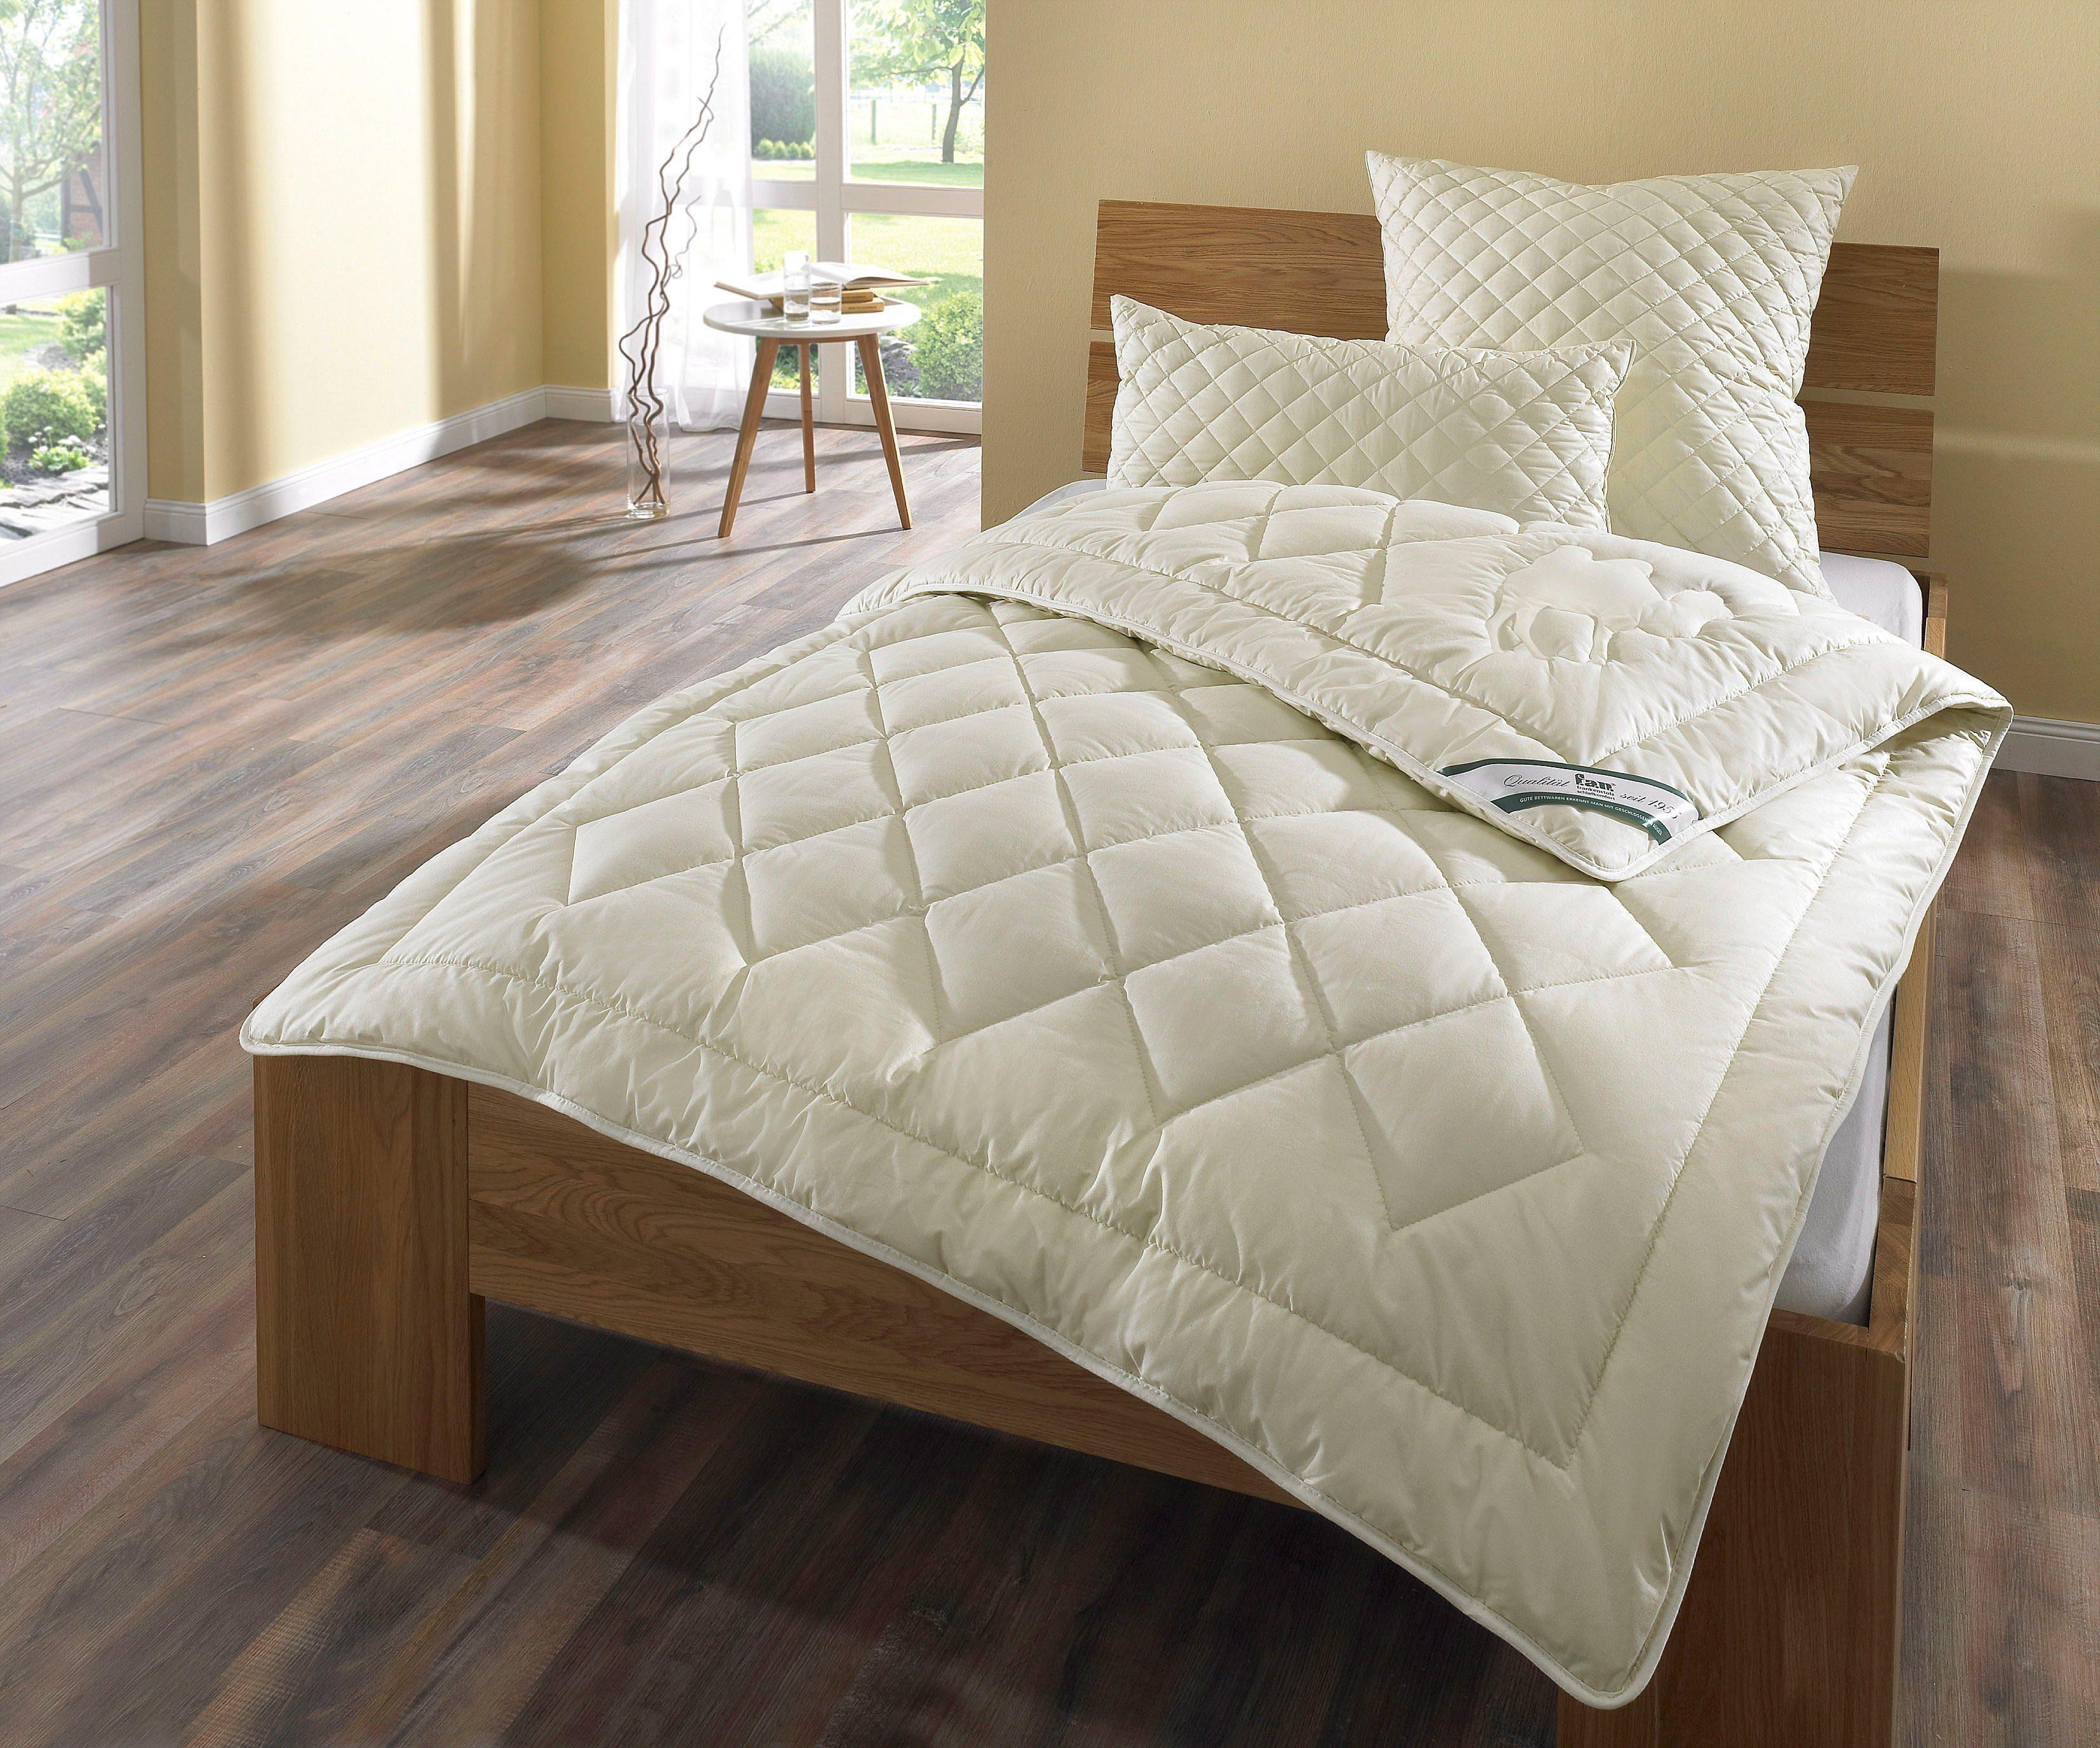 Jahreszeiten Bettdecke 155x220cm 100/% Baumwollbettdecke waschbar Bio Baumwoll 4